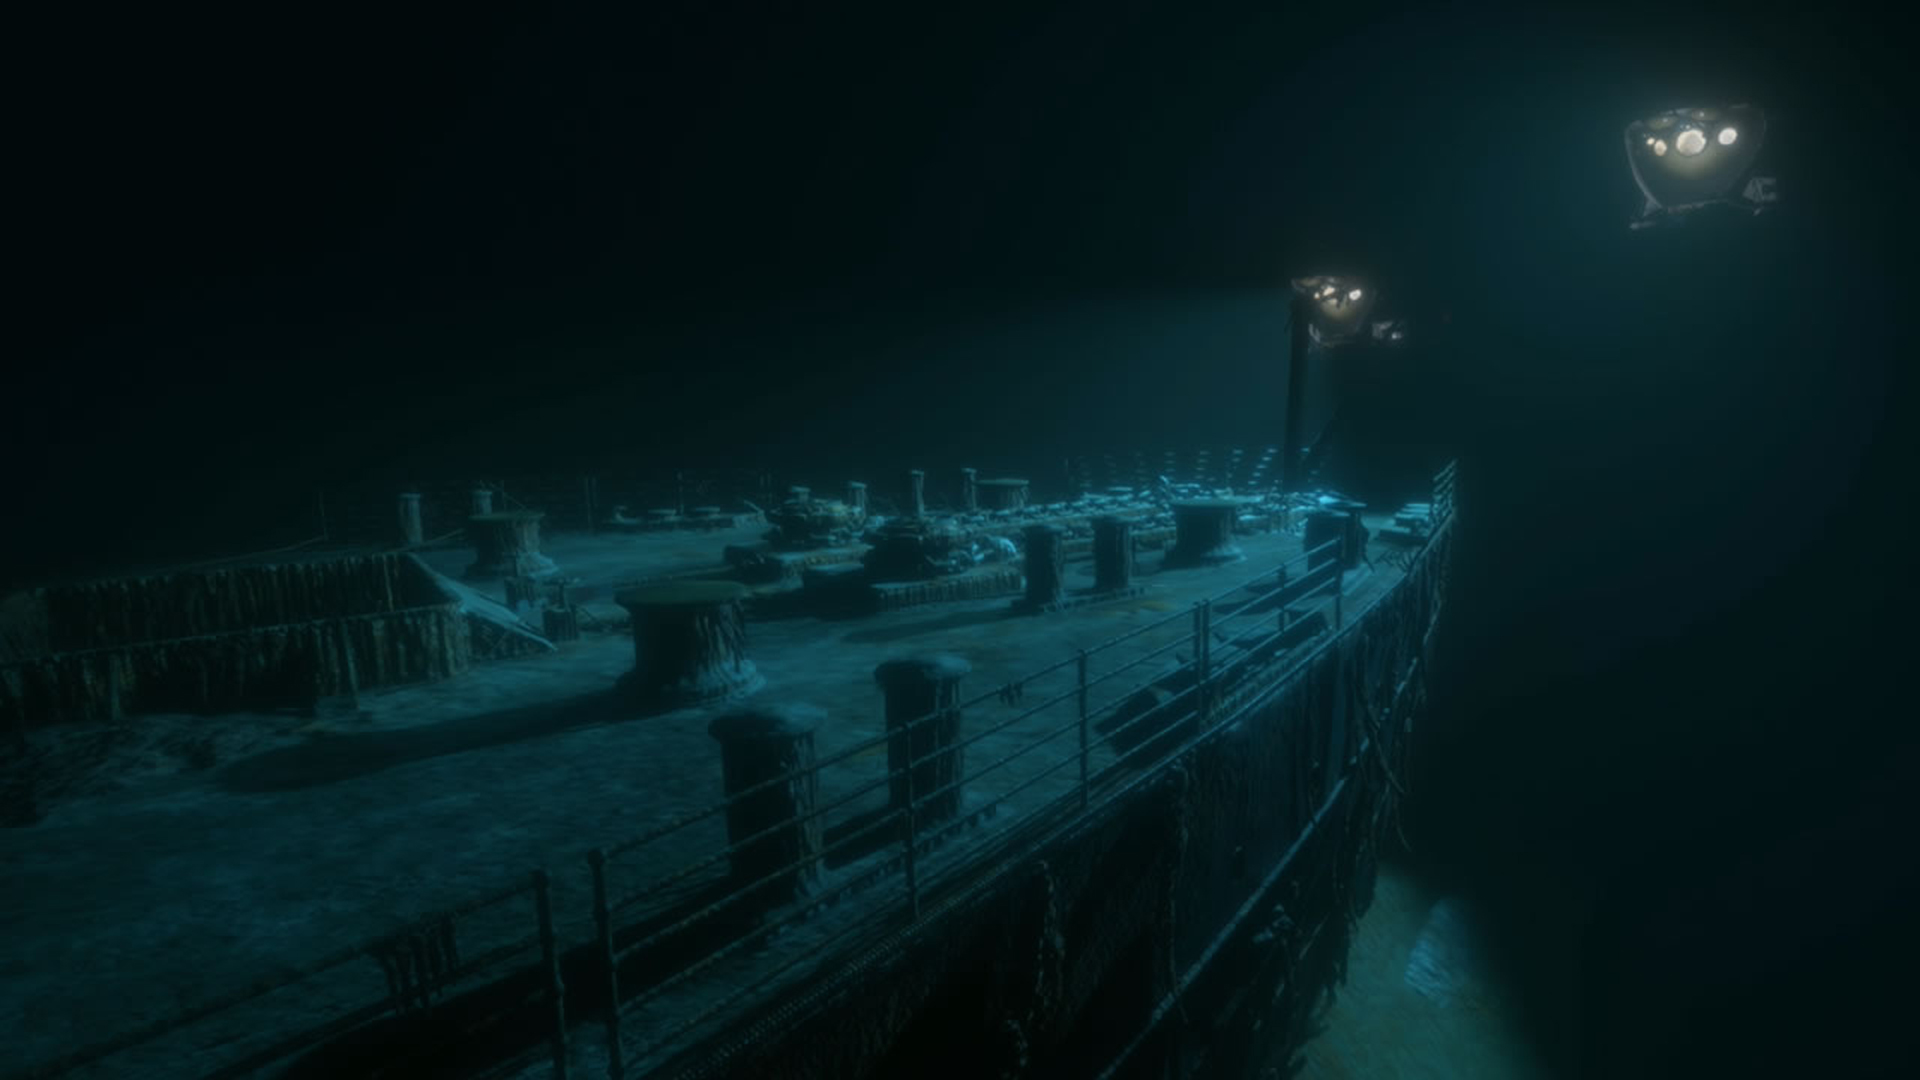 Visitare il Titanic in fondo all'oceano grazie al VR thumbnail